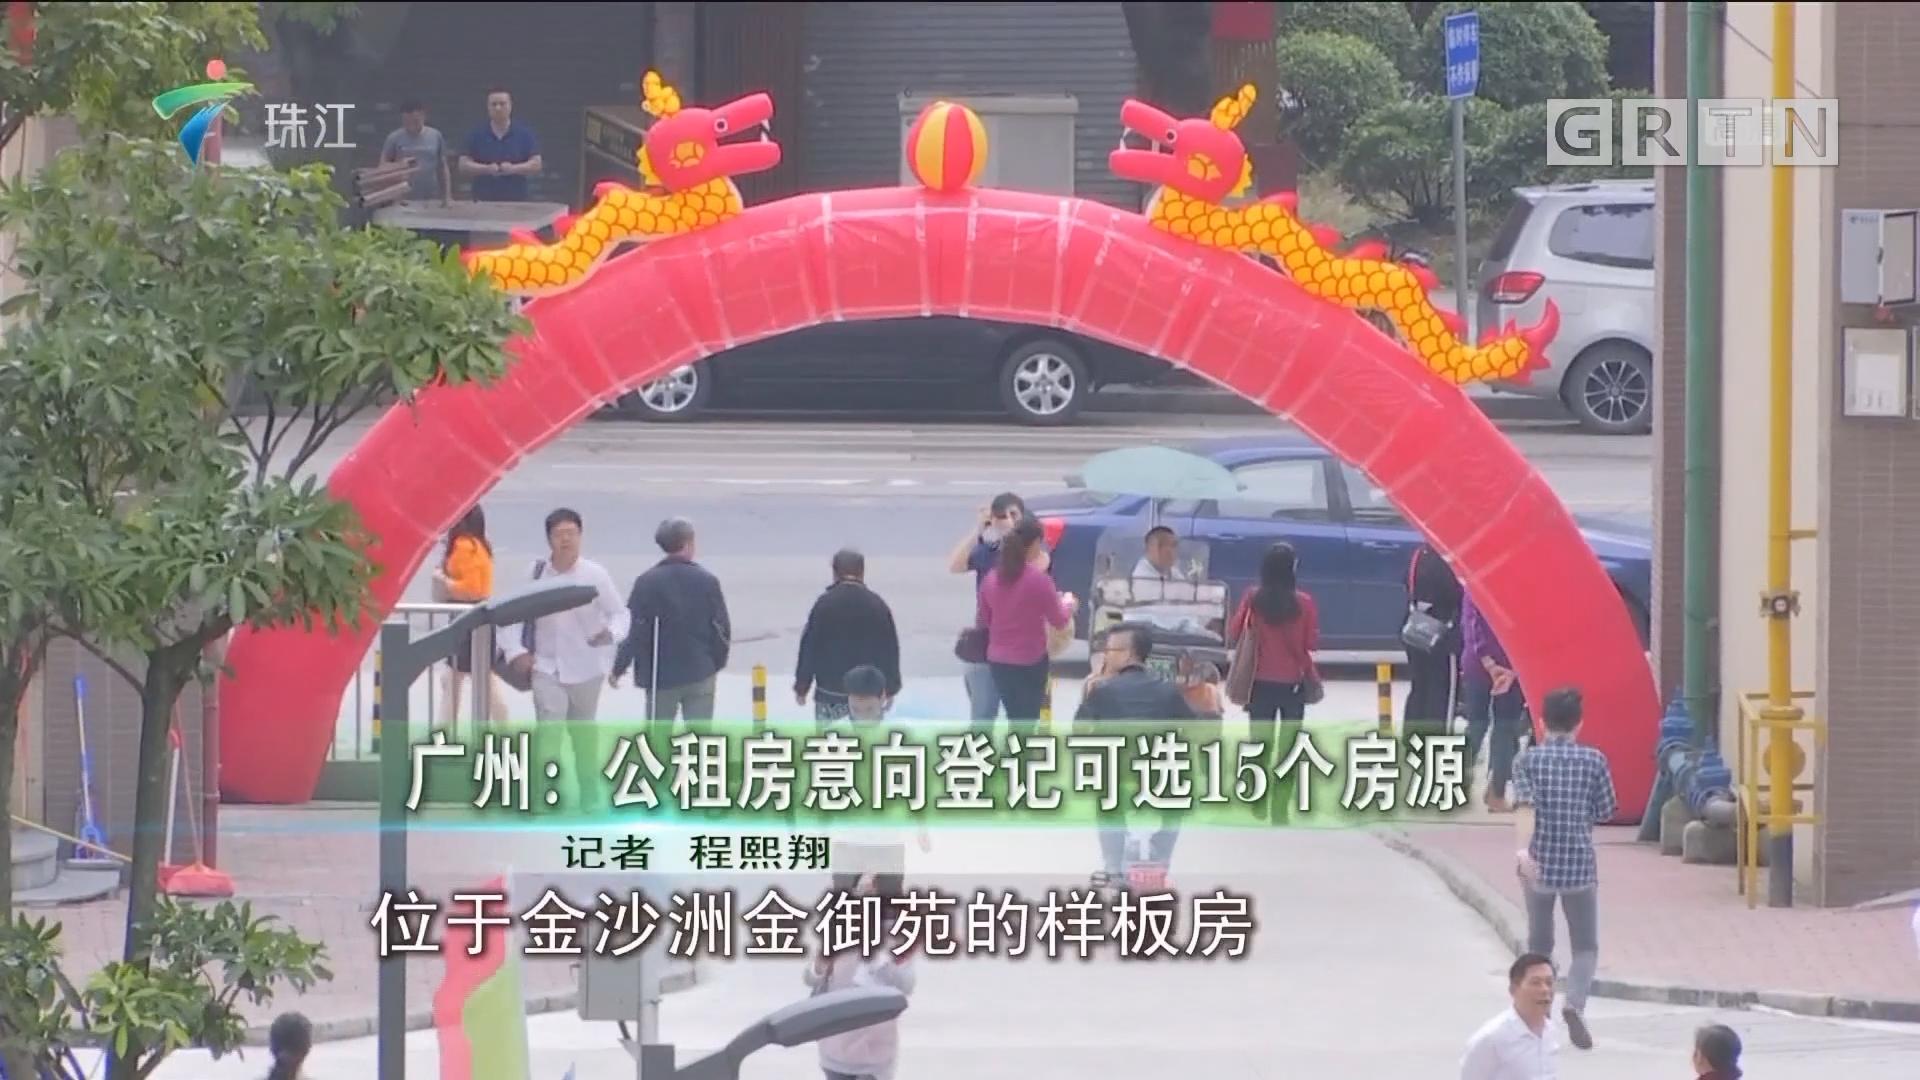 广州:公租房意向登记可选15个房源